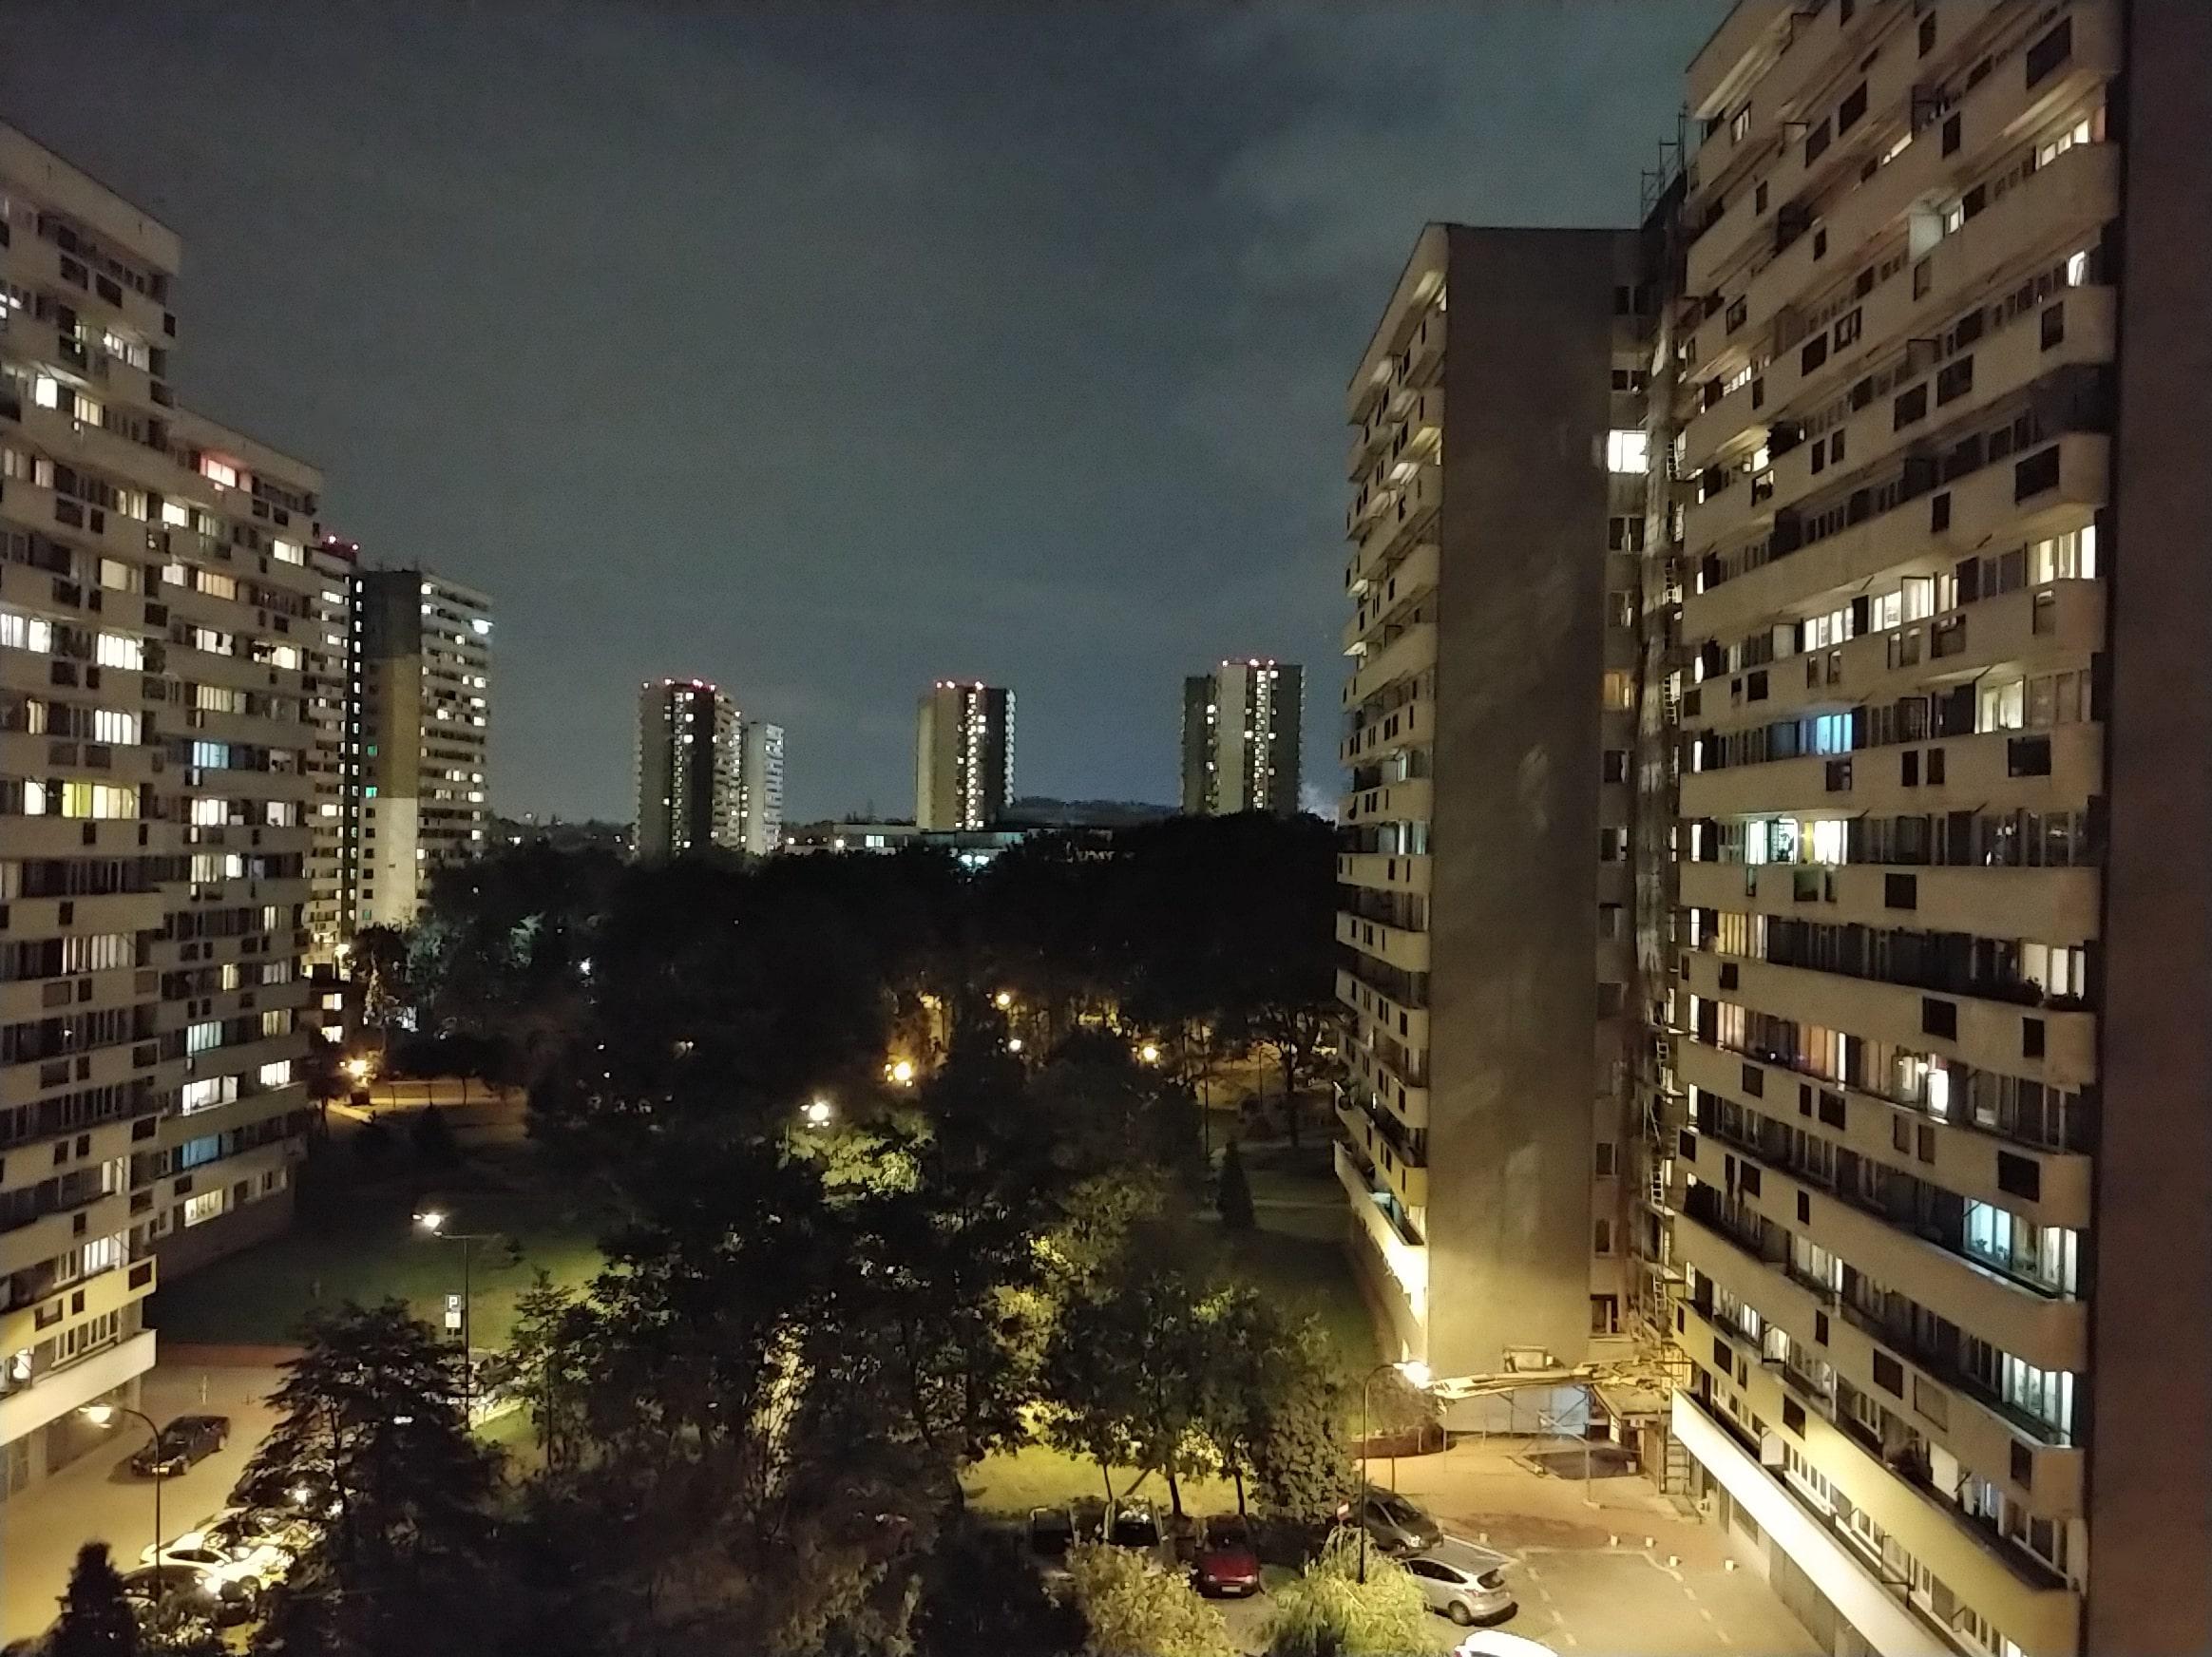 Zdjęcia nocne - LG V30